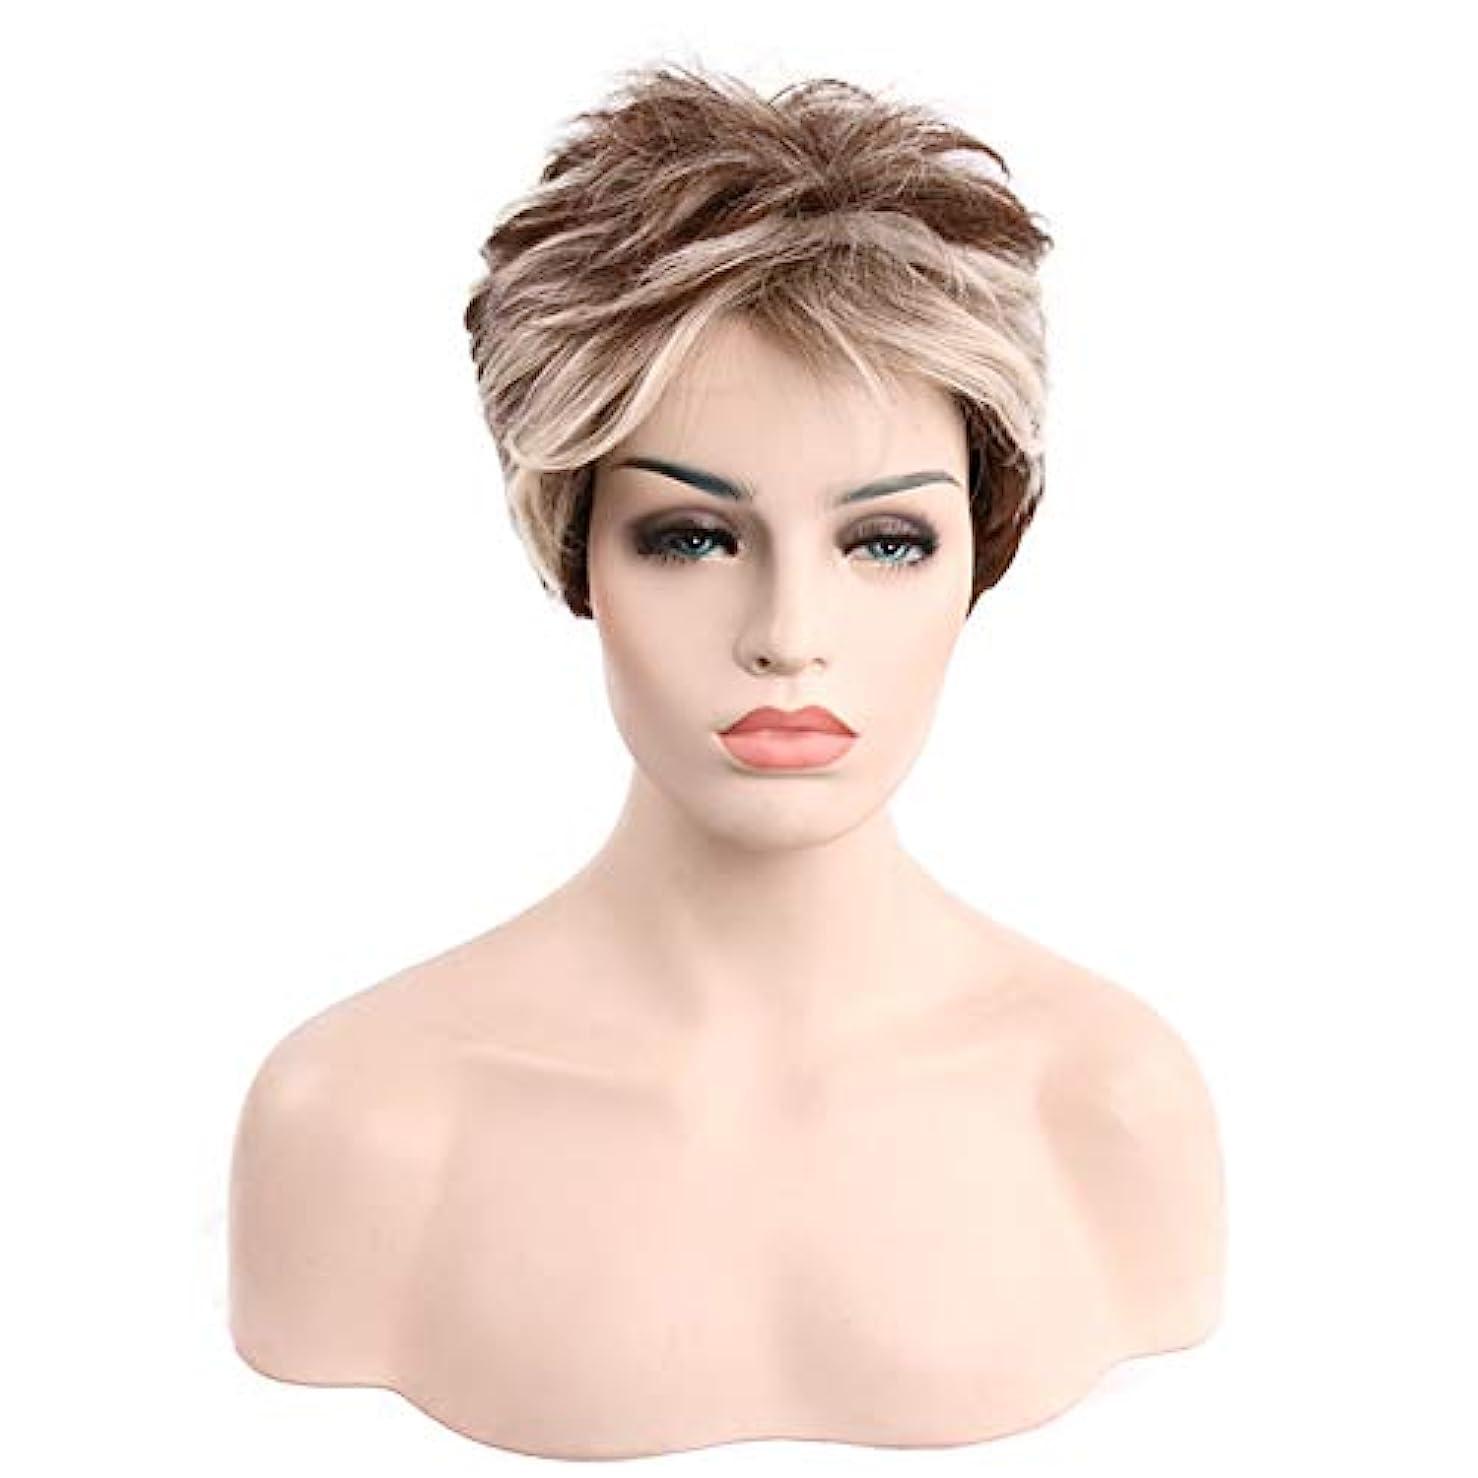 複雑な苦しめる深さ女性用ブラウンショートカーリーヘアウィッグ自然髪ウィッグ前髪付き合成フルヘアウィッグ女性用ハロウィンコスプレパーティーウィッグ、9インチ